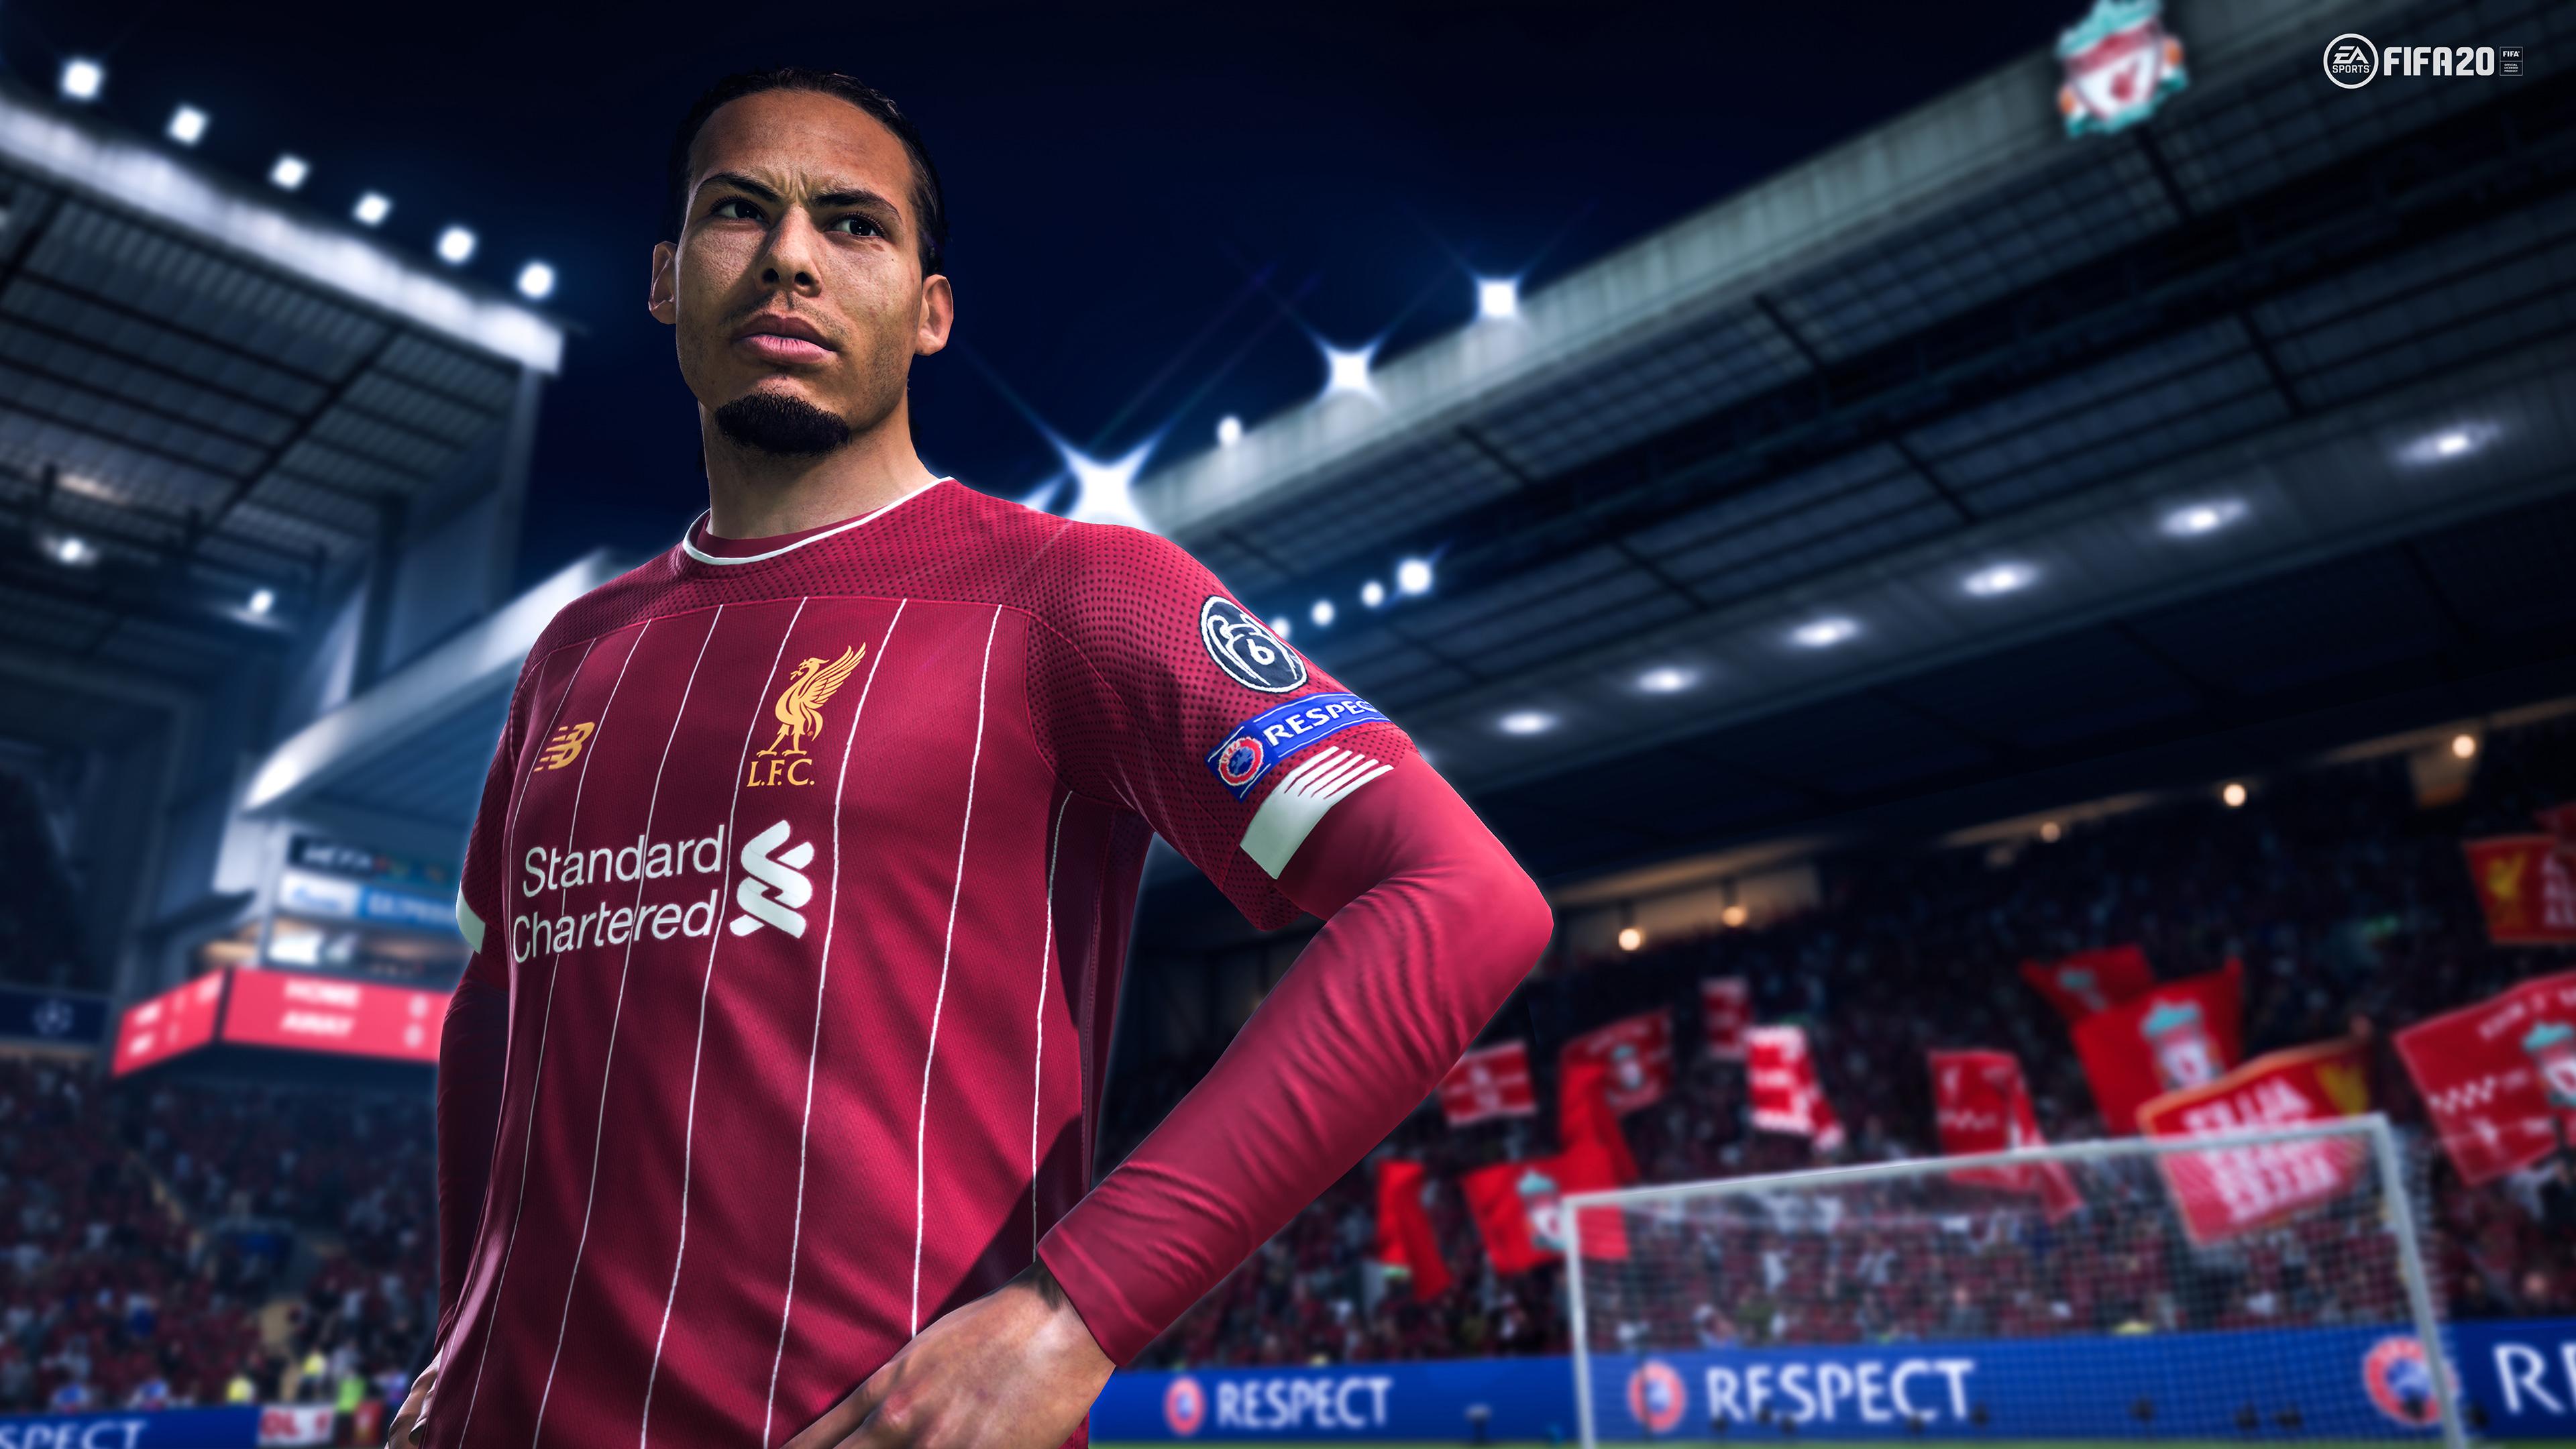 Virgil van Dijk in a red Liverpool F.C. uniform in FIFA 20